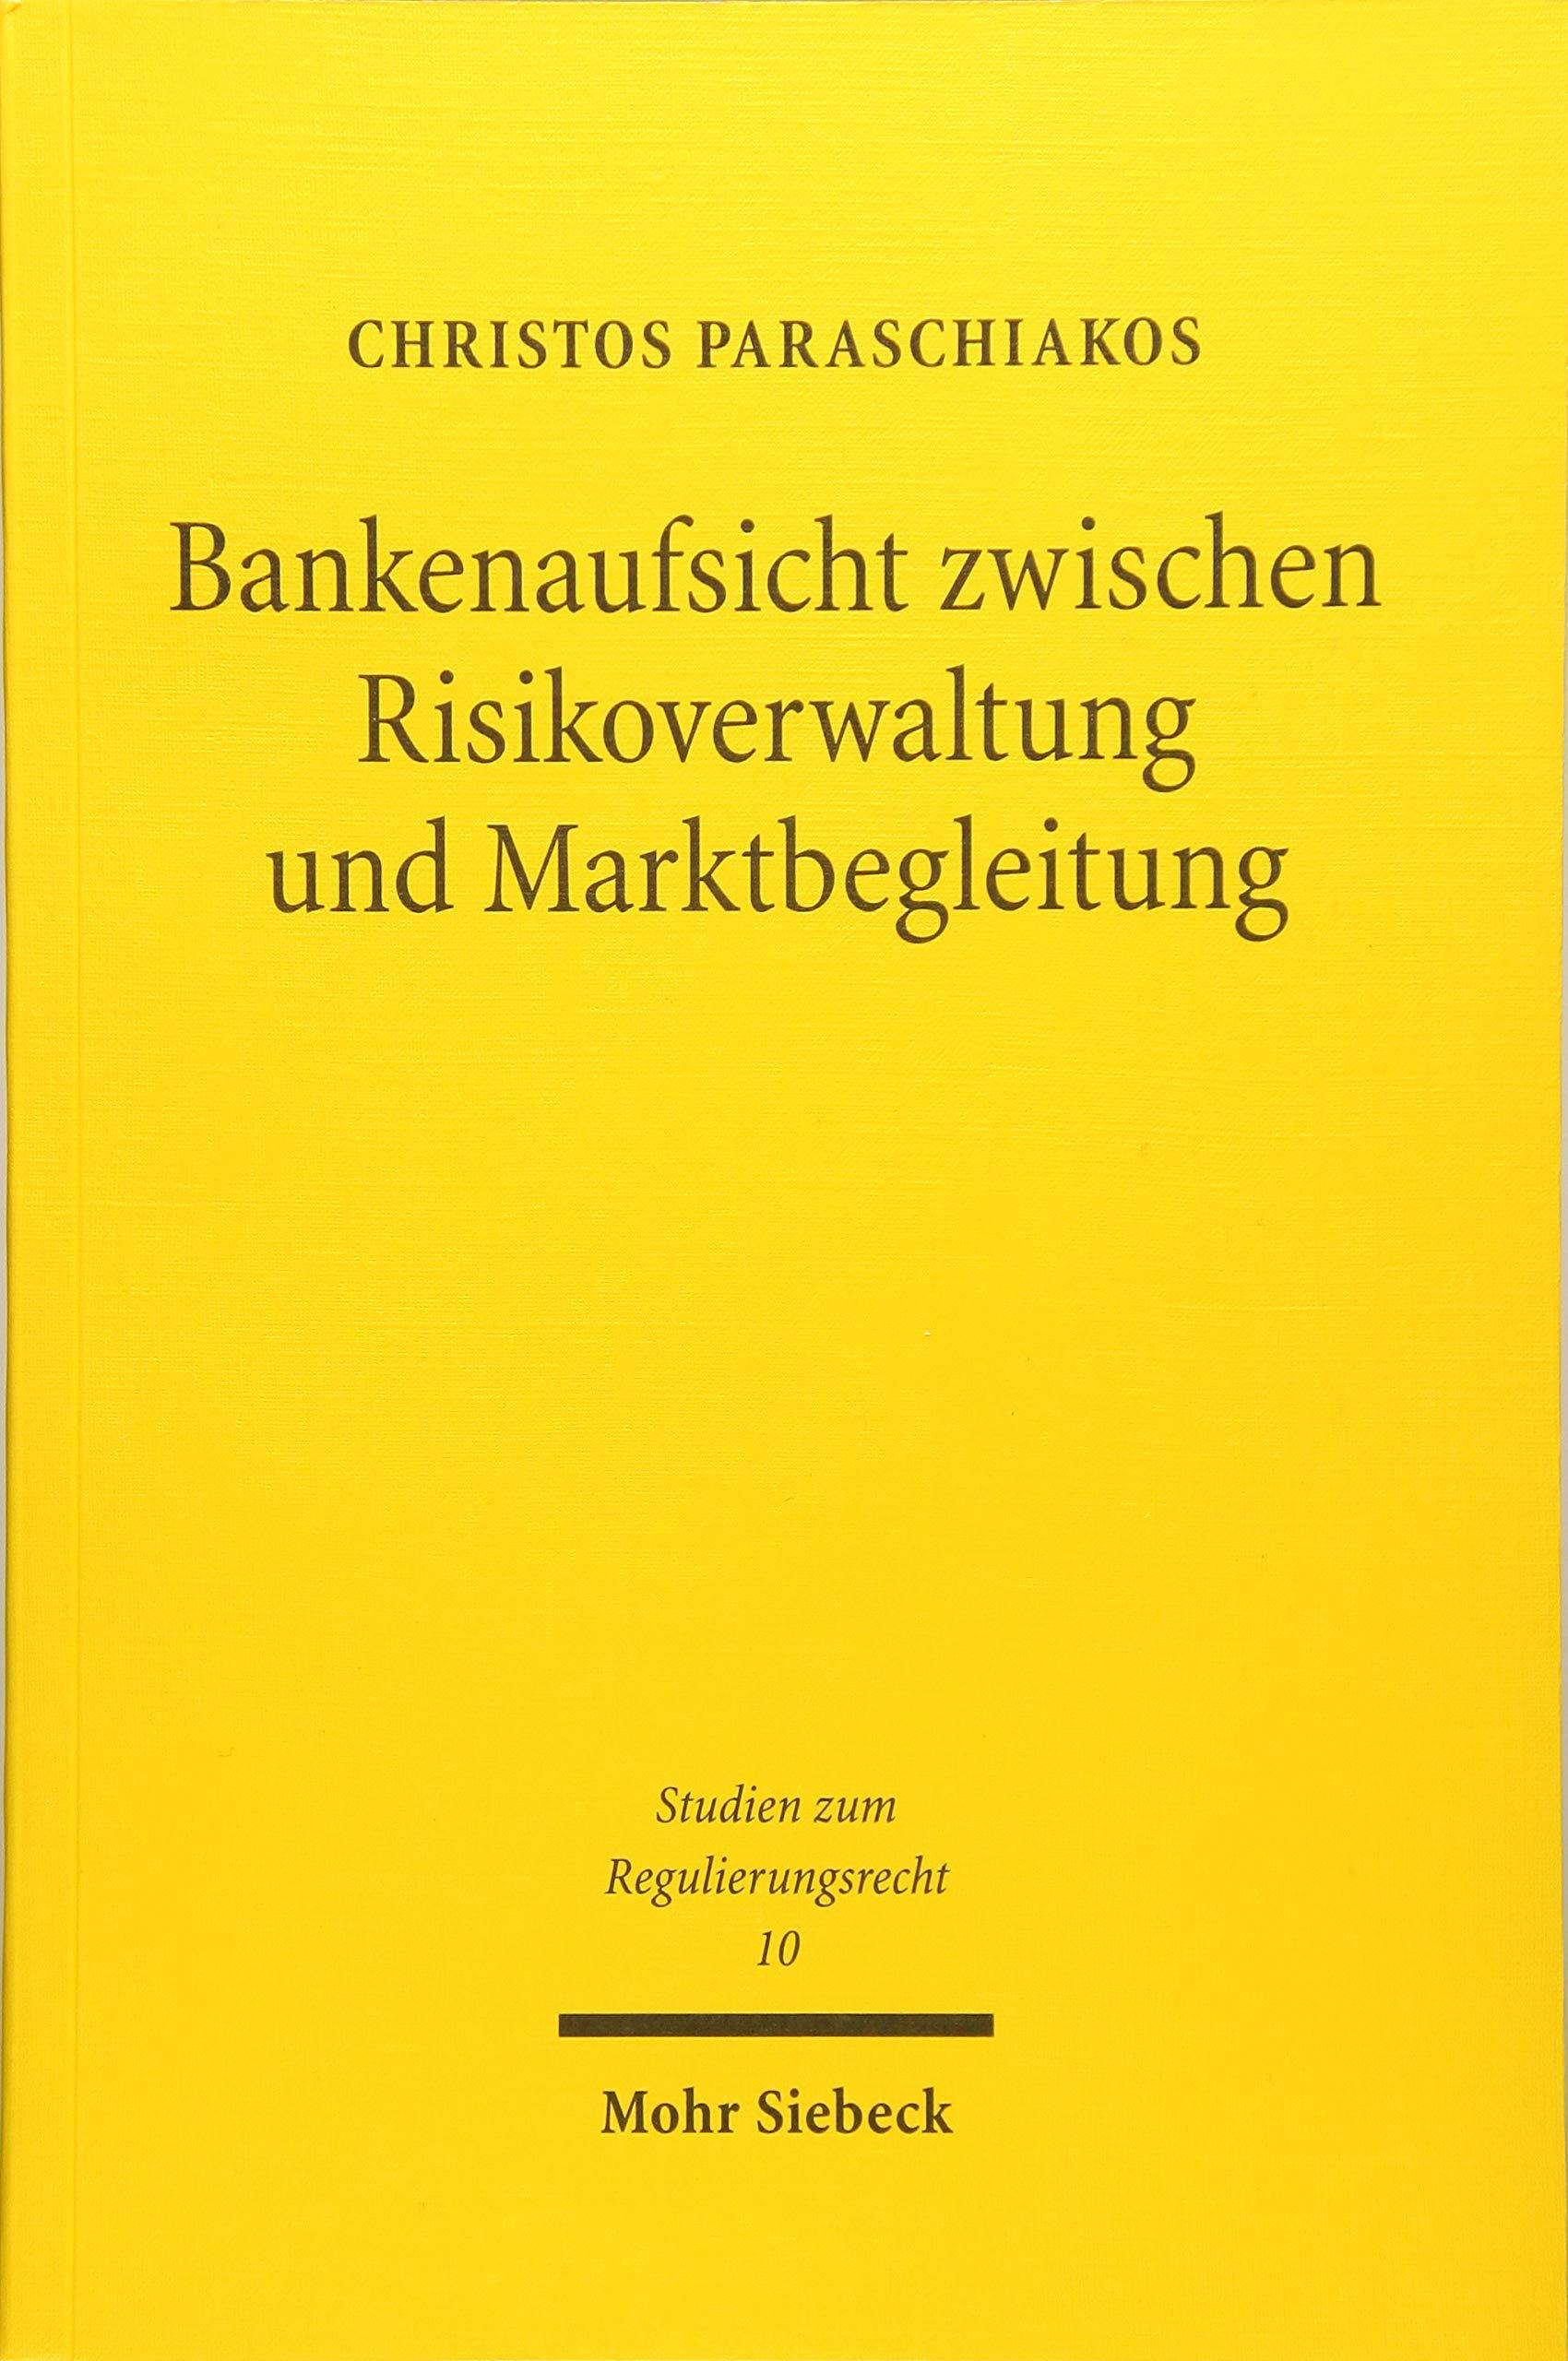 Bankenaufsicht zwischen Risikoverwaltung und Marktbegleitung: Eine rechtsdogmatische und verwaltungswissenschaftliche Untersuchung ... (Studien zum Regulierungsrecht)